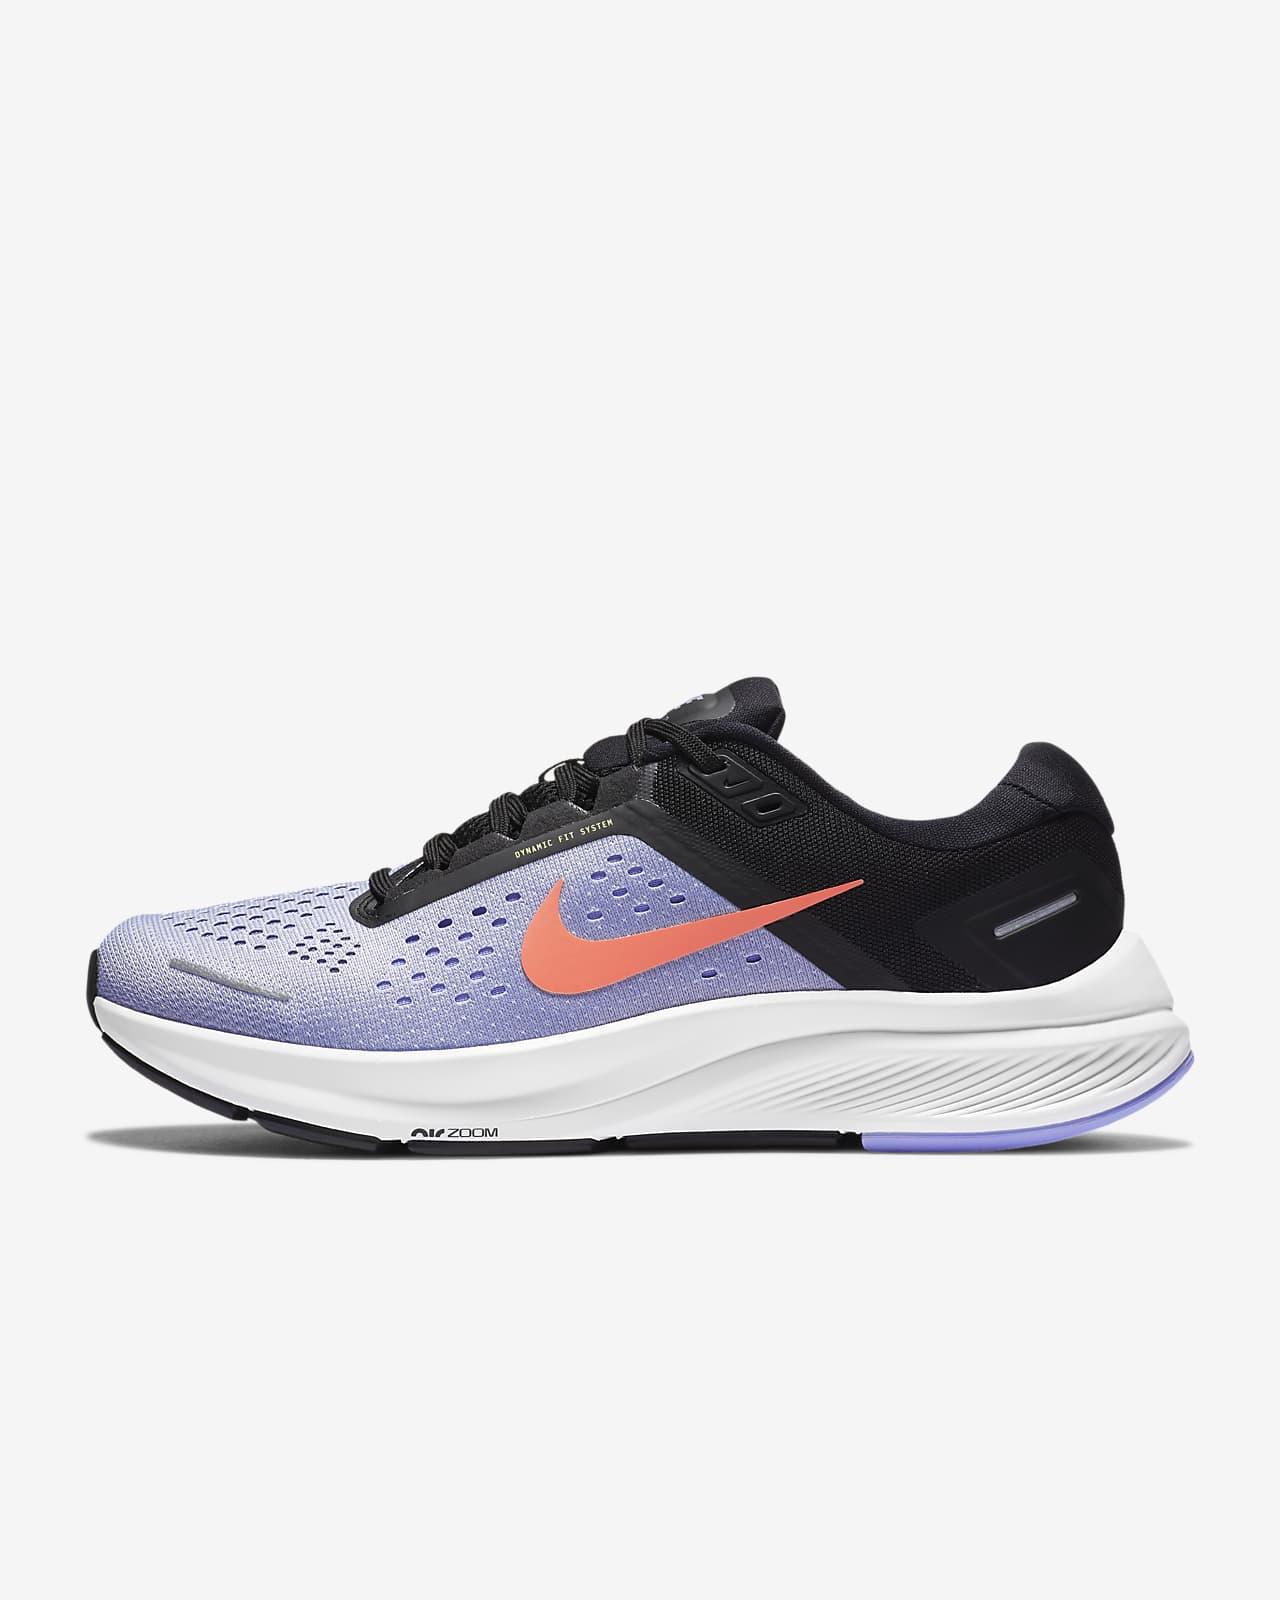 Nike Air Zoom Structure 23-løbesko til kvinder